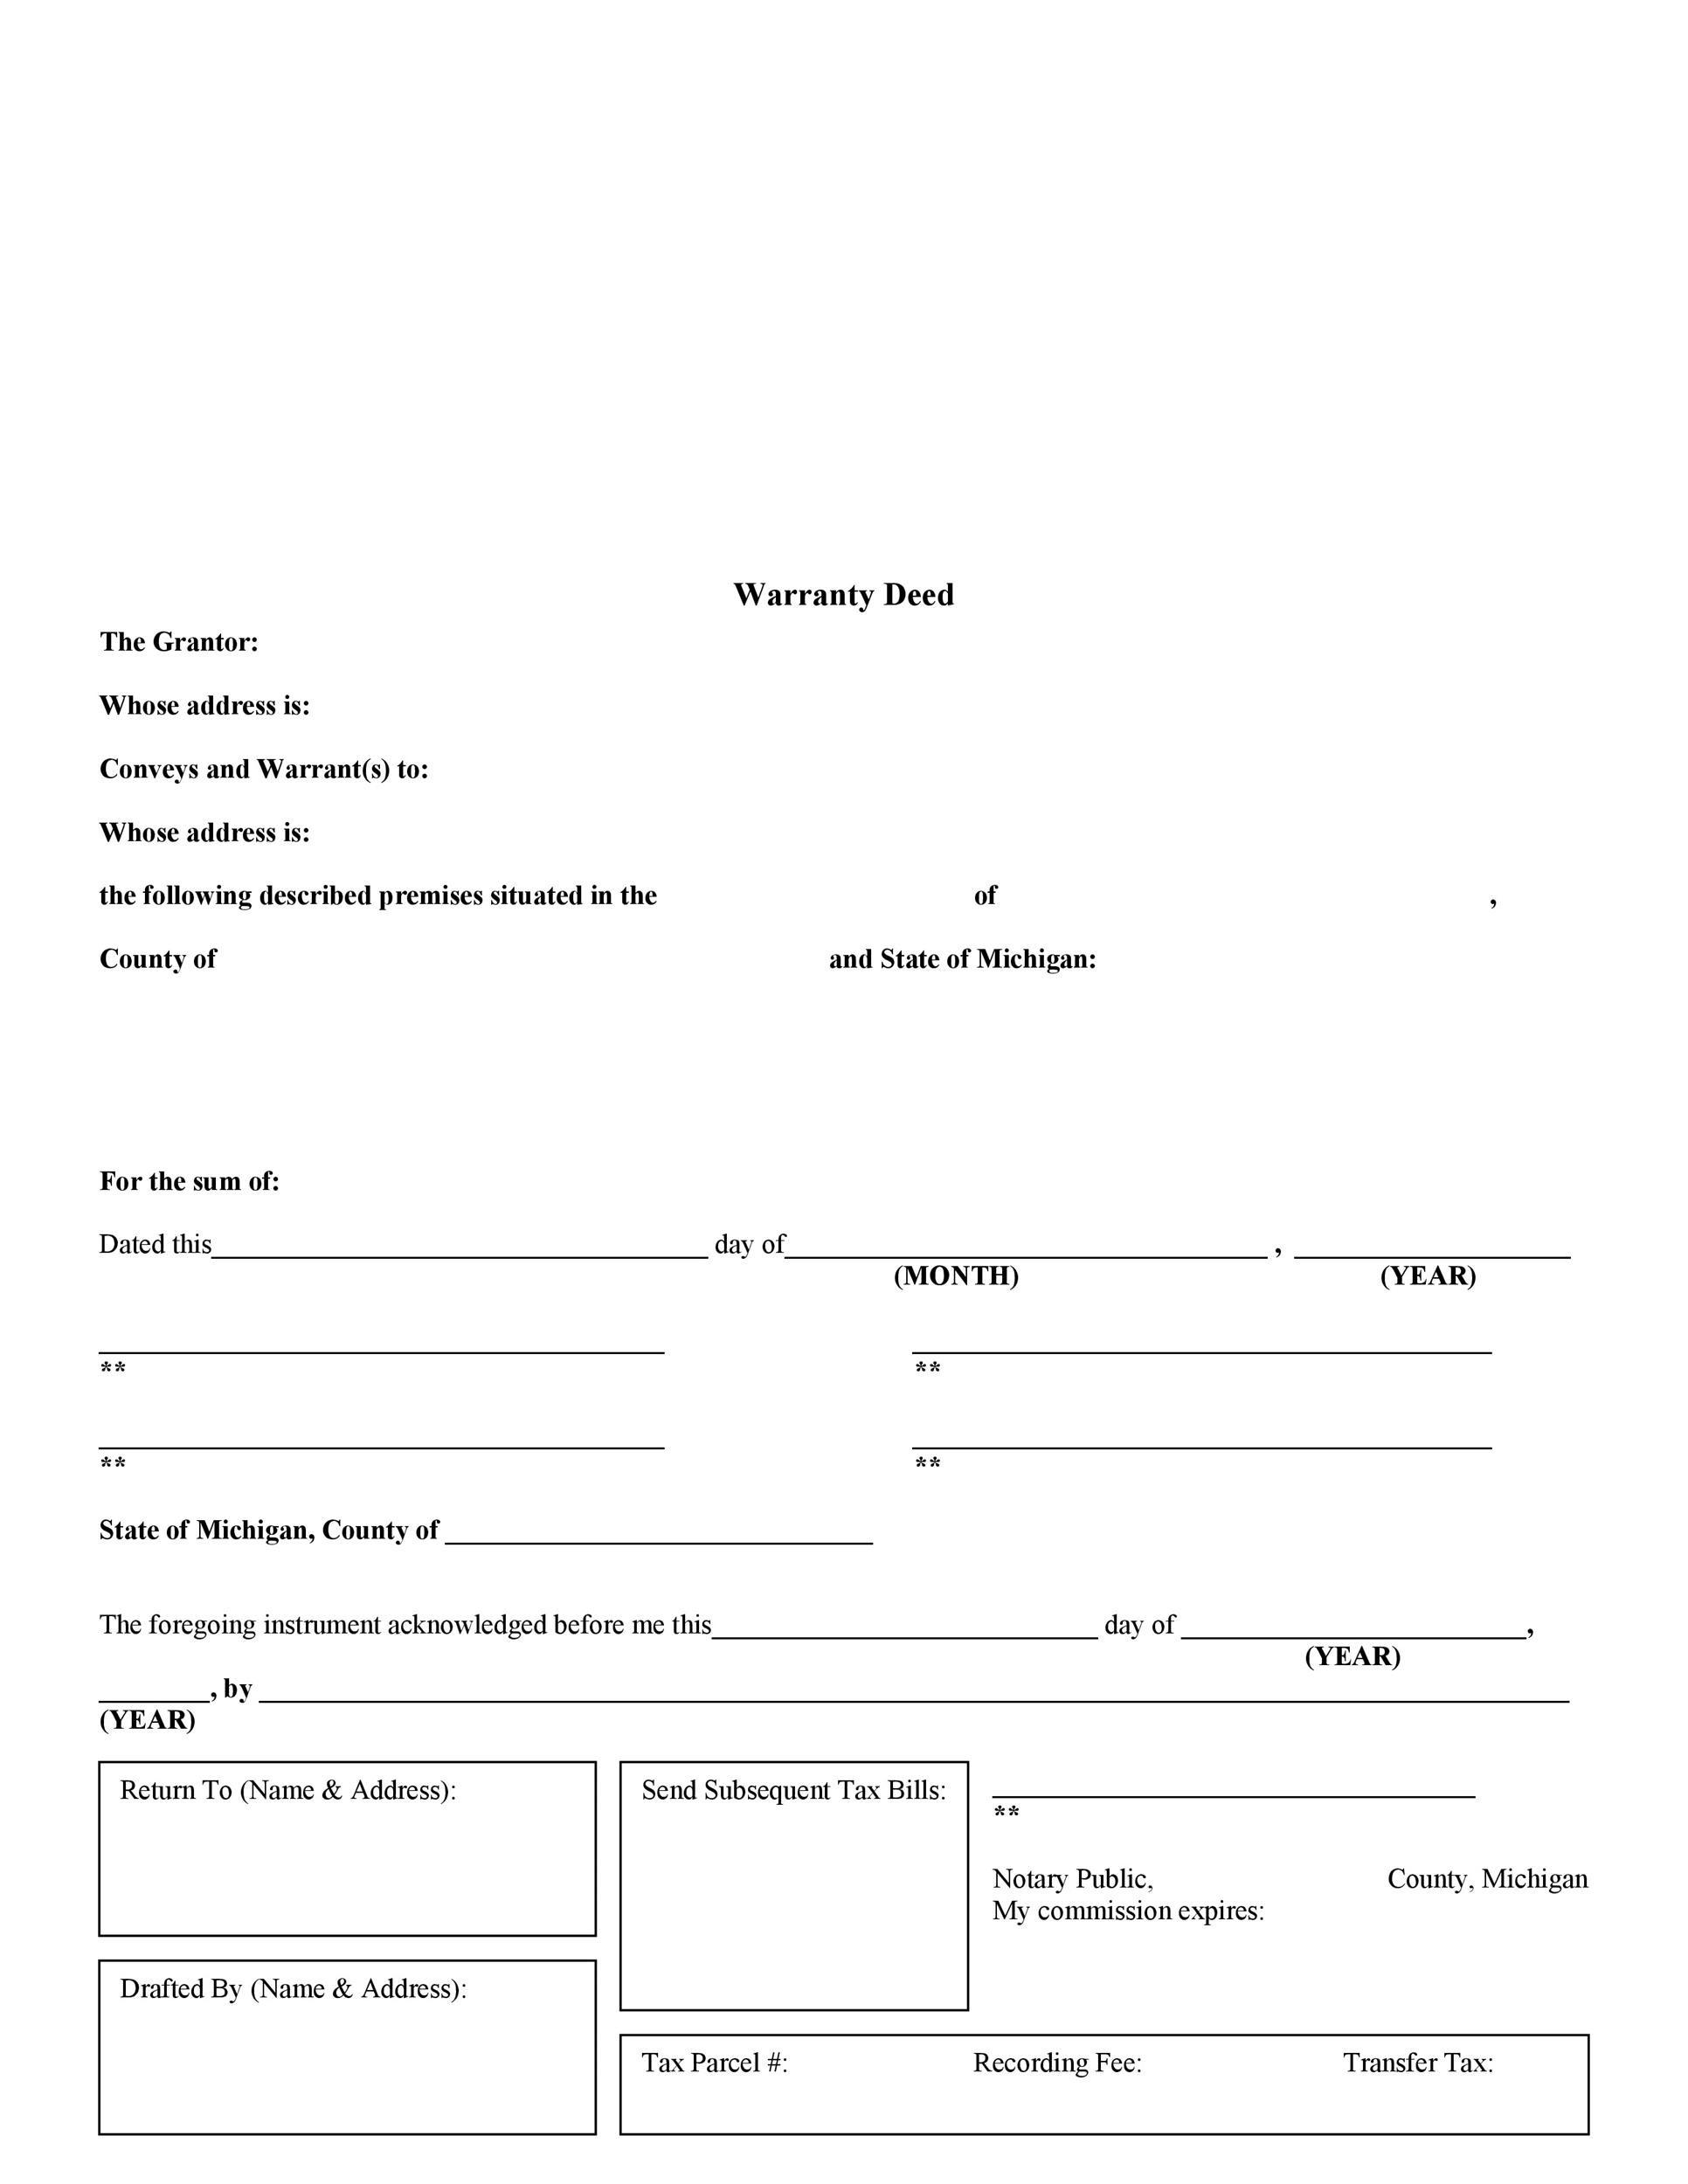 Free Warranty deed template 20